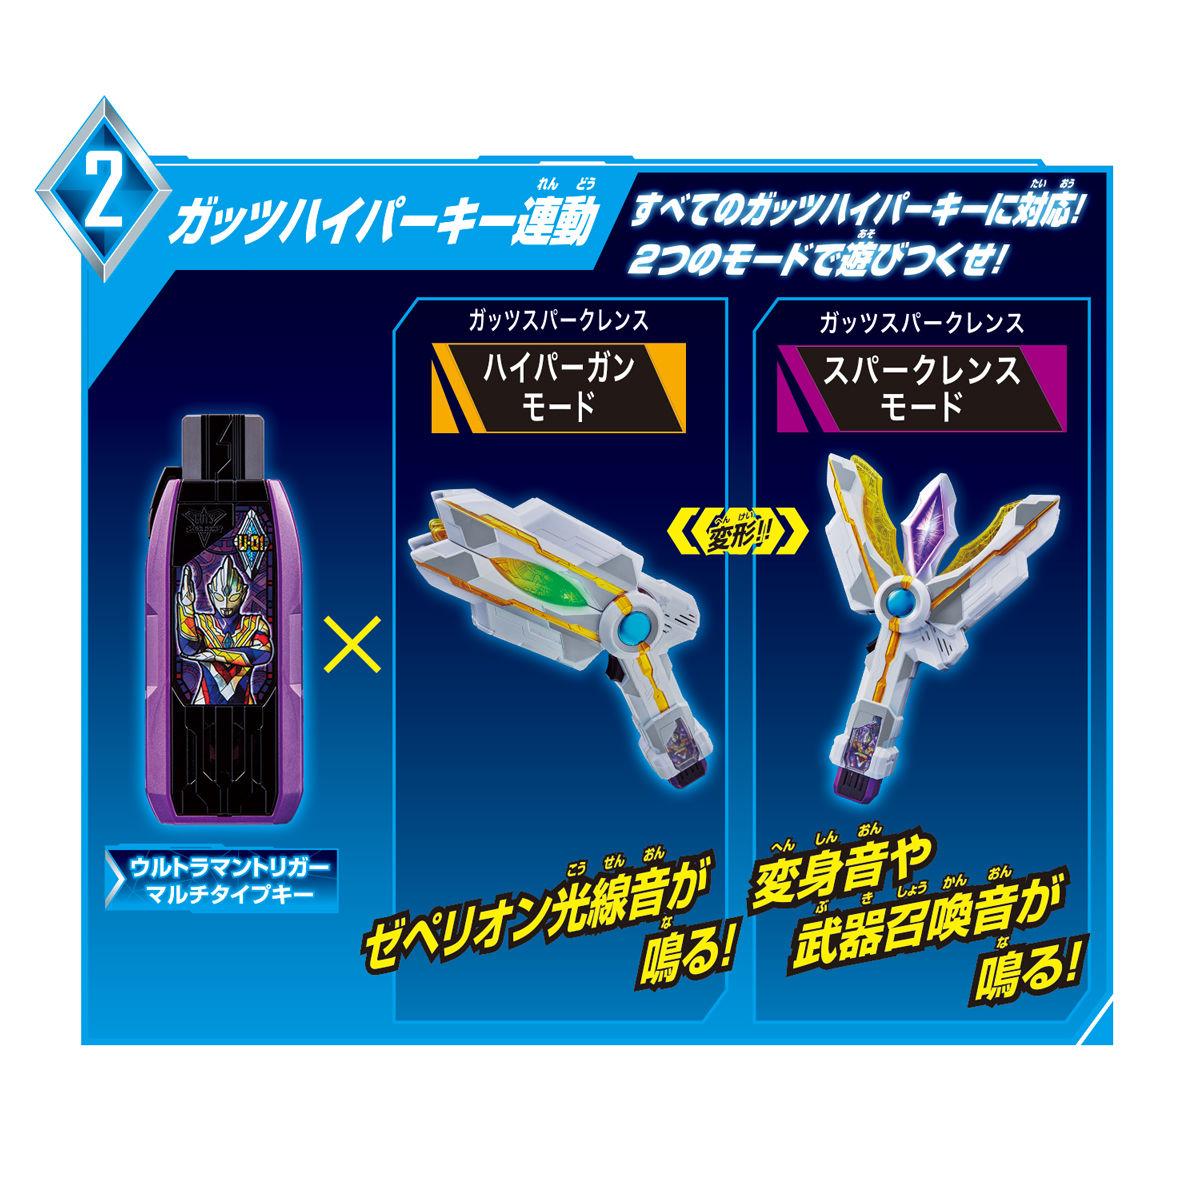 ウルトラマントリガー DX最強なりきりセット